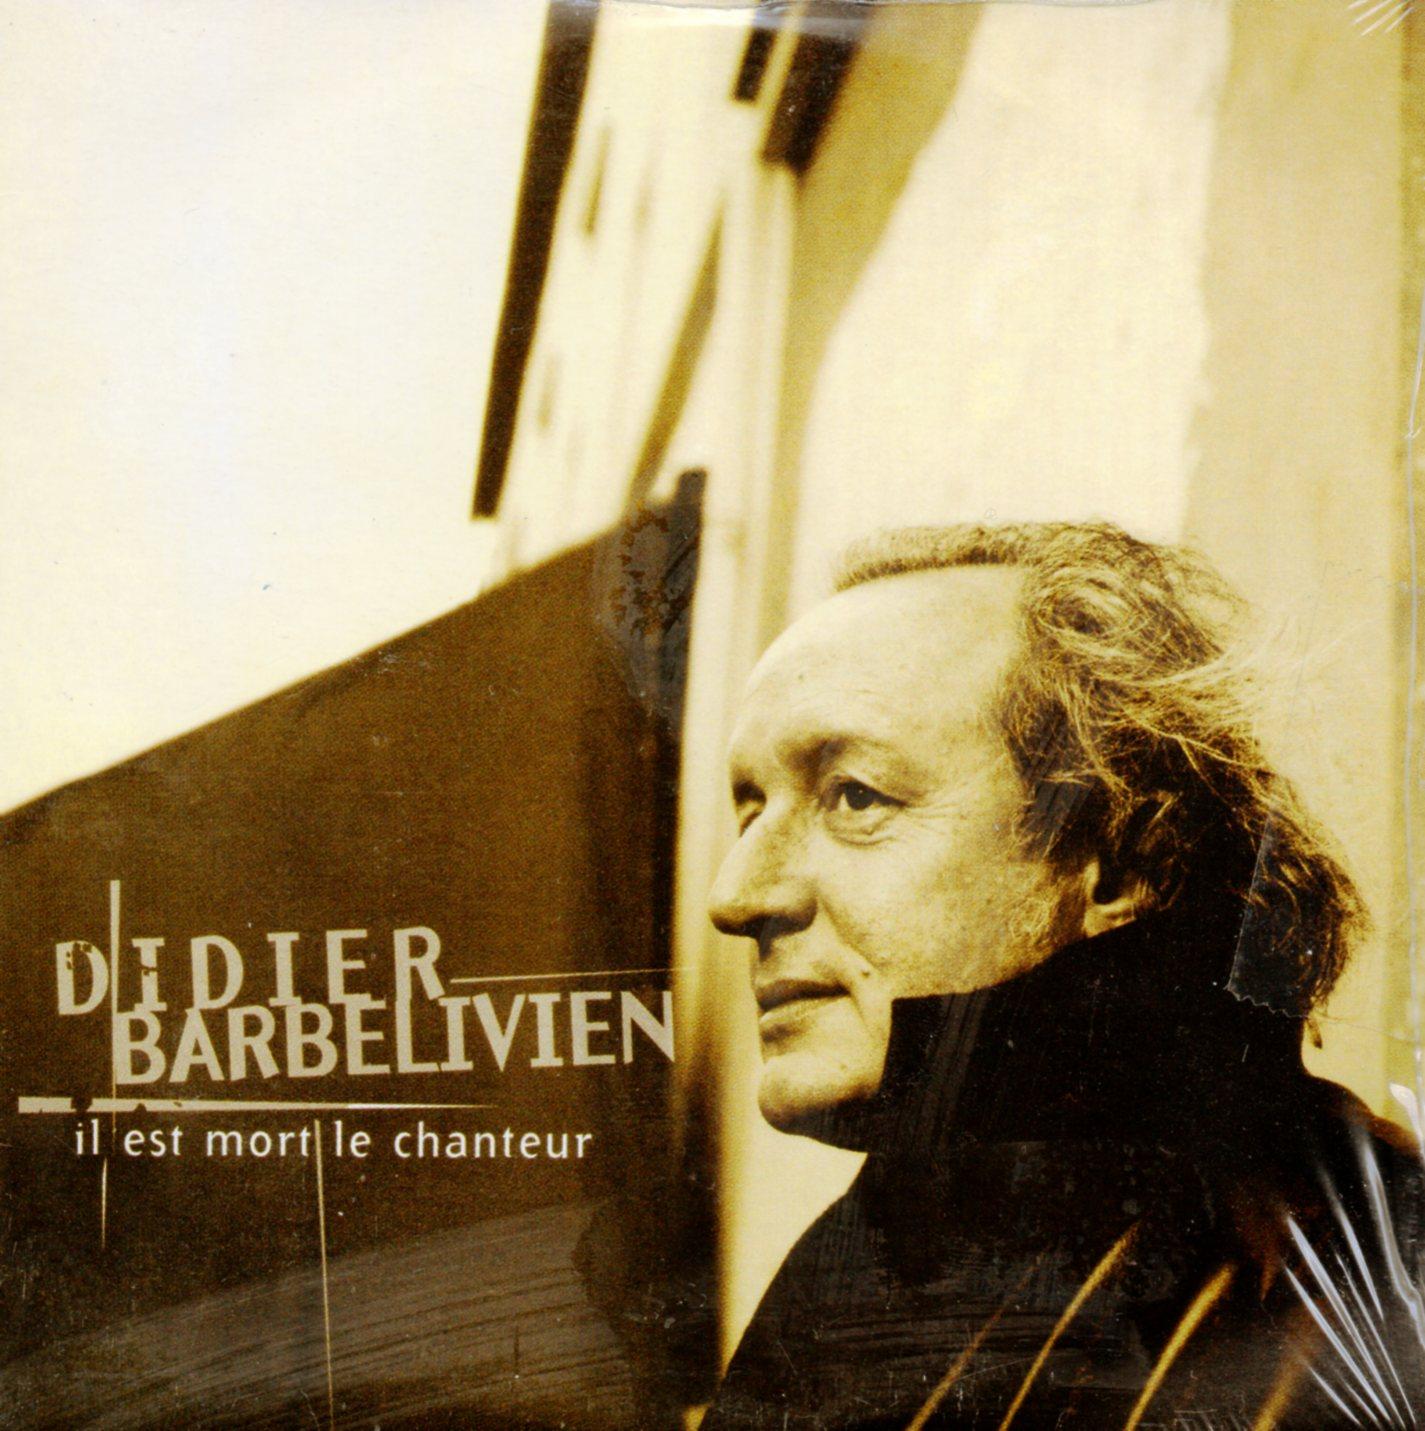 DIDIER BARBELIVIEN - Il est mort le chanteur 2-track CARD SLEEVE - CD single